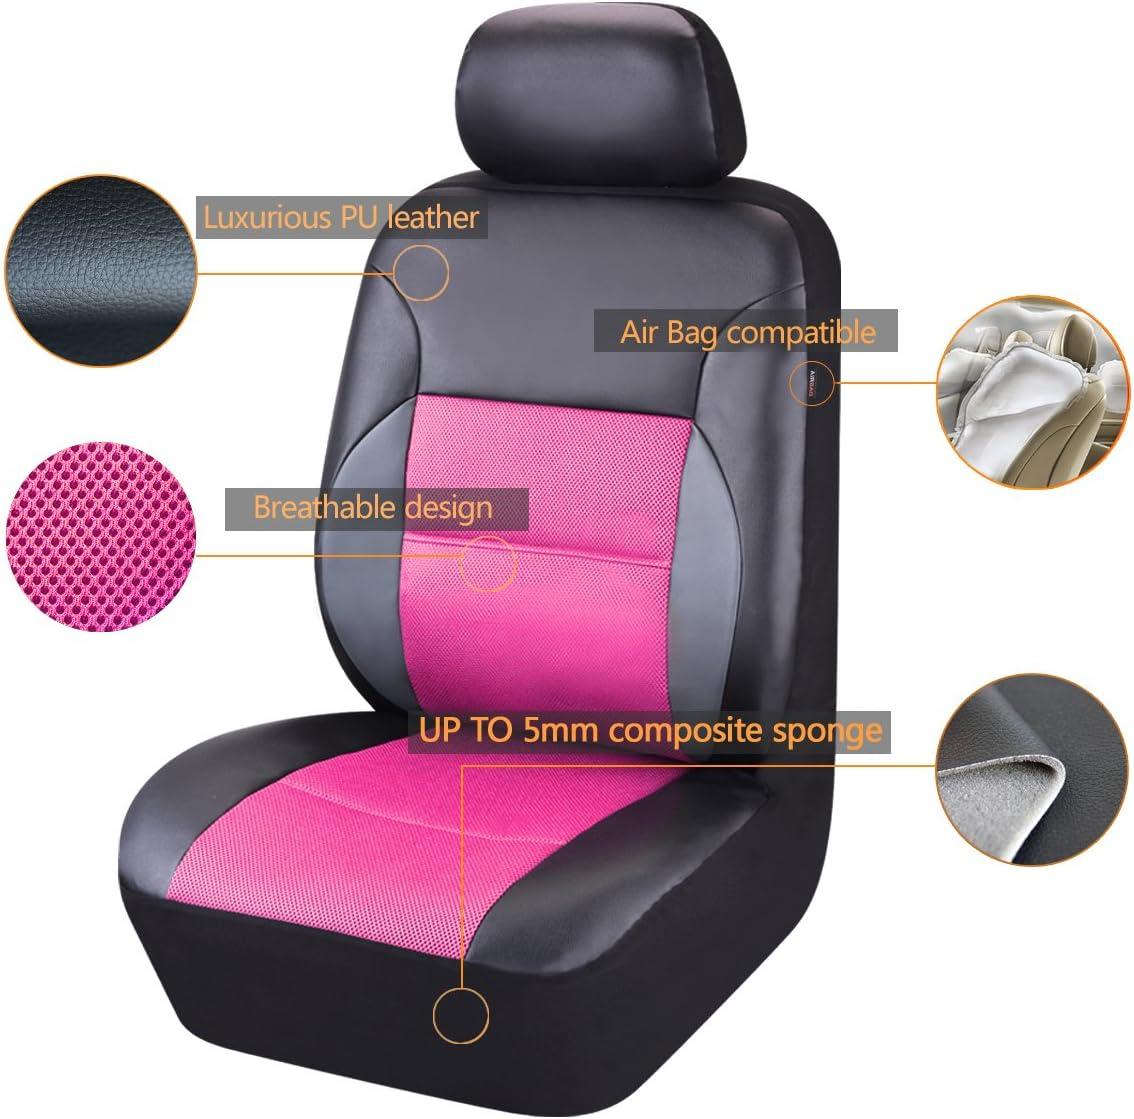 Auto pass/ con 5/mm composito spugna all interno /11PCS Luxurous PU Automotive universale coprisedili set package-universal Fit per veicoli airbag compatibile...